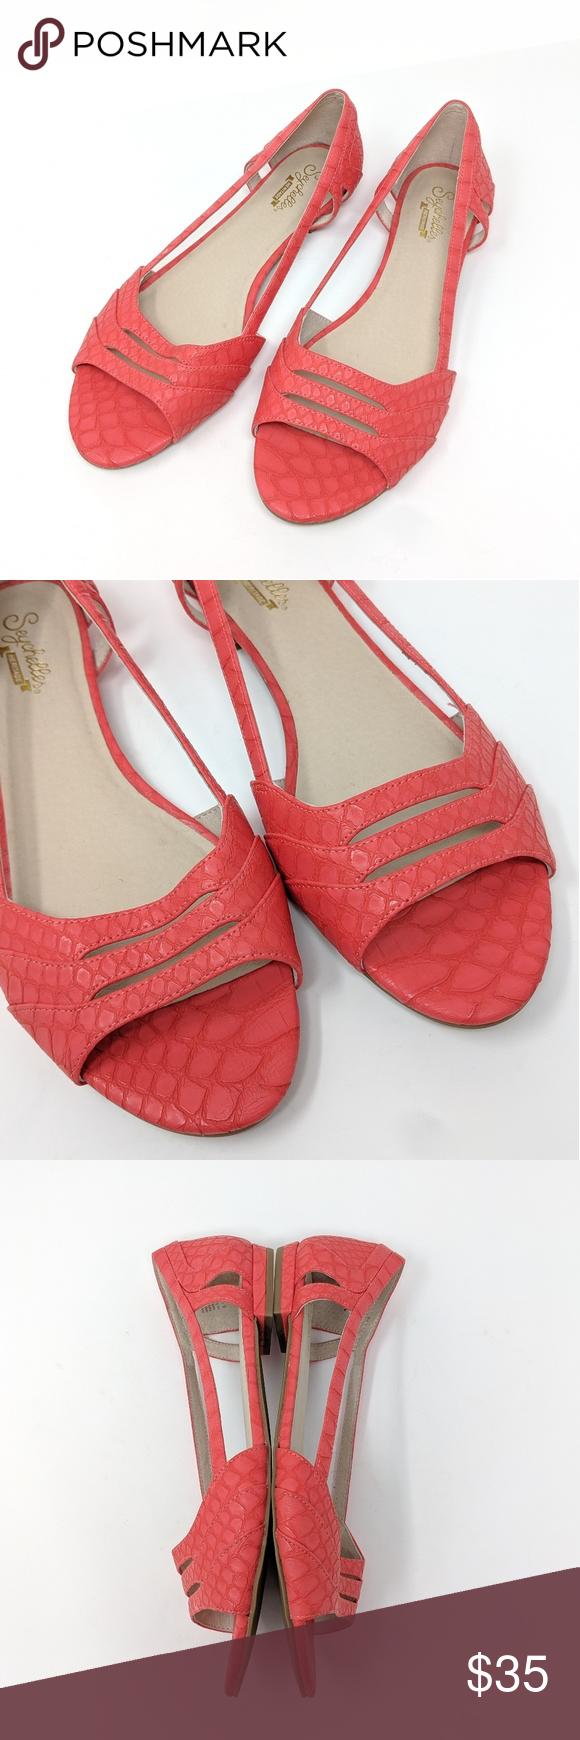 Seychelles Heritage Salmon Flat Peep Toe Sandal Peep Toe Sandals Peep Toe Seychelles Shoes Sandals